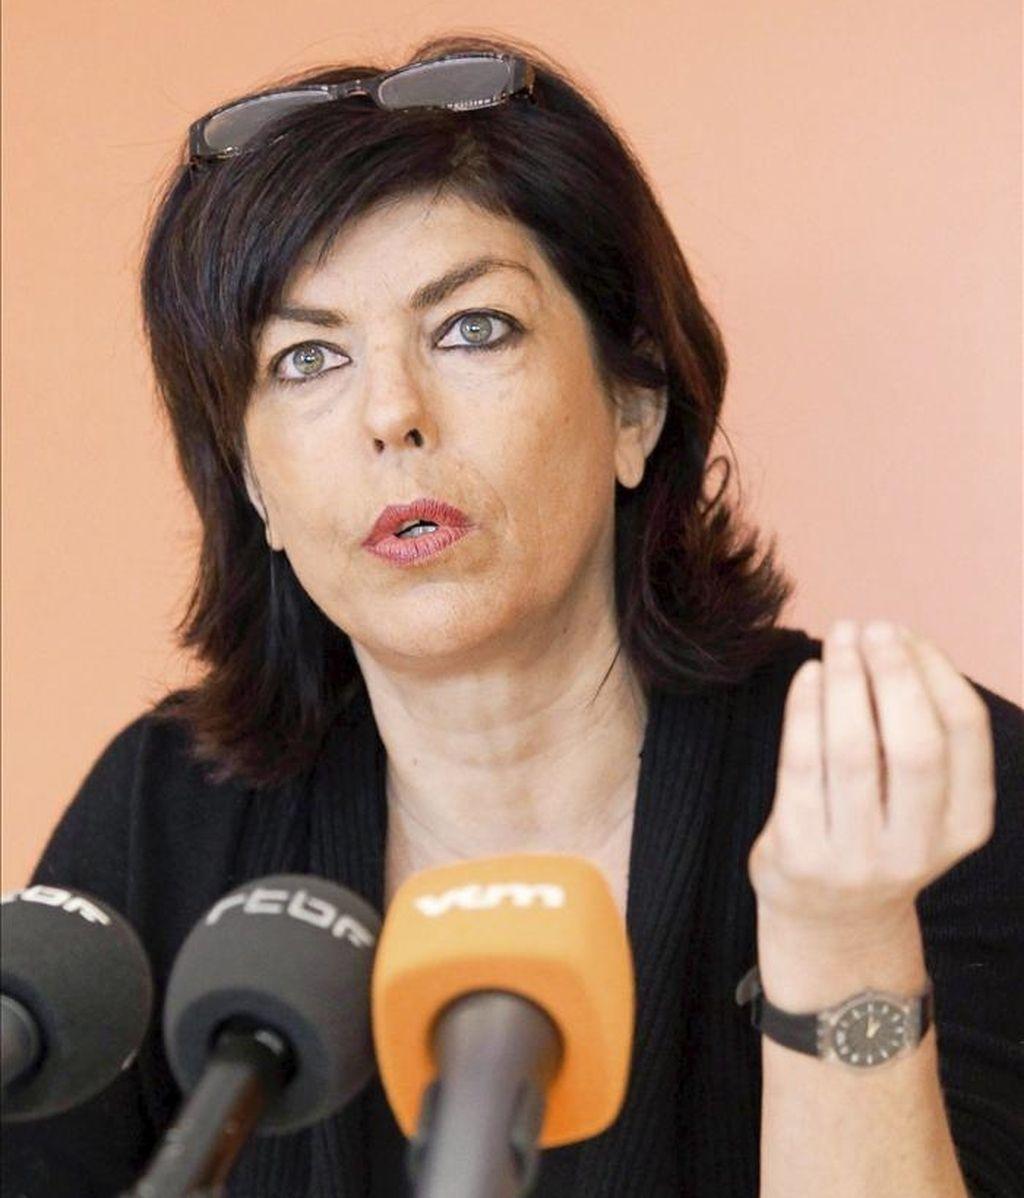 """La presidenta del CDH (democristiano francófono) y viceprimera ministra, Joëlle Milquet, dijo hoy que """"ha llegado el momento de que los principales partidos políticos de Bélgica vuelvan a sentarse a la mesa de negociación"""". EFE/Archivo"""